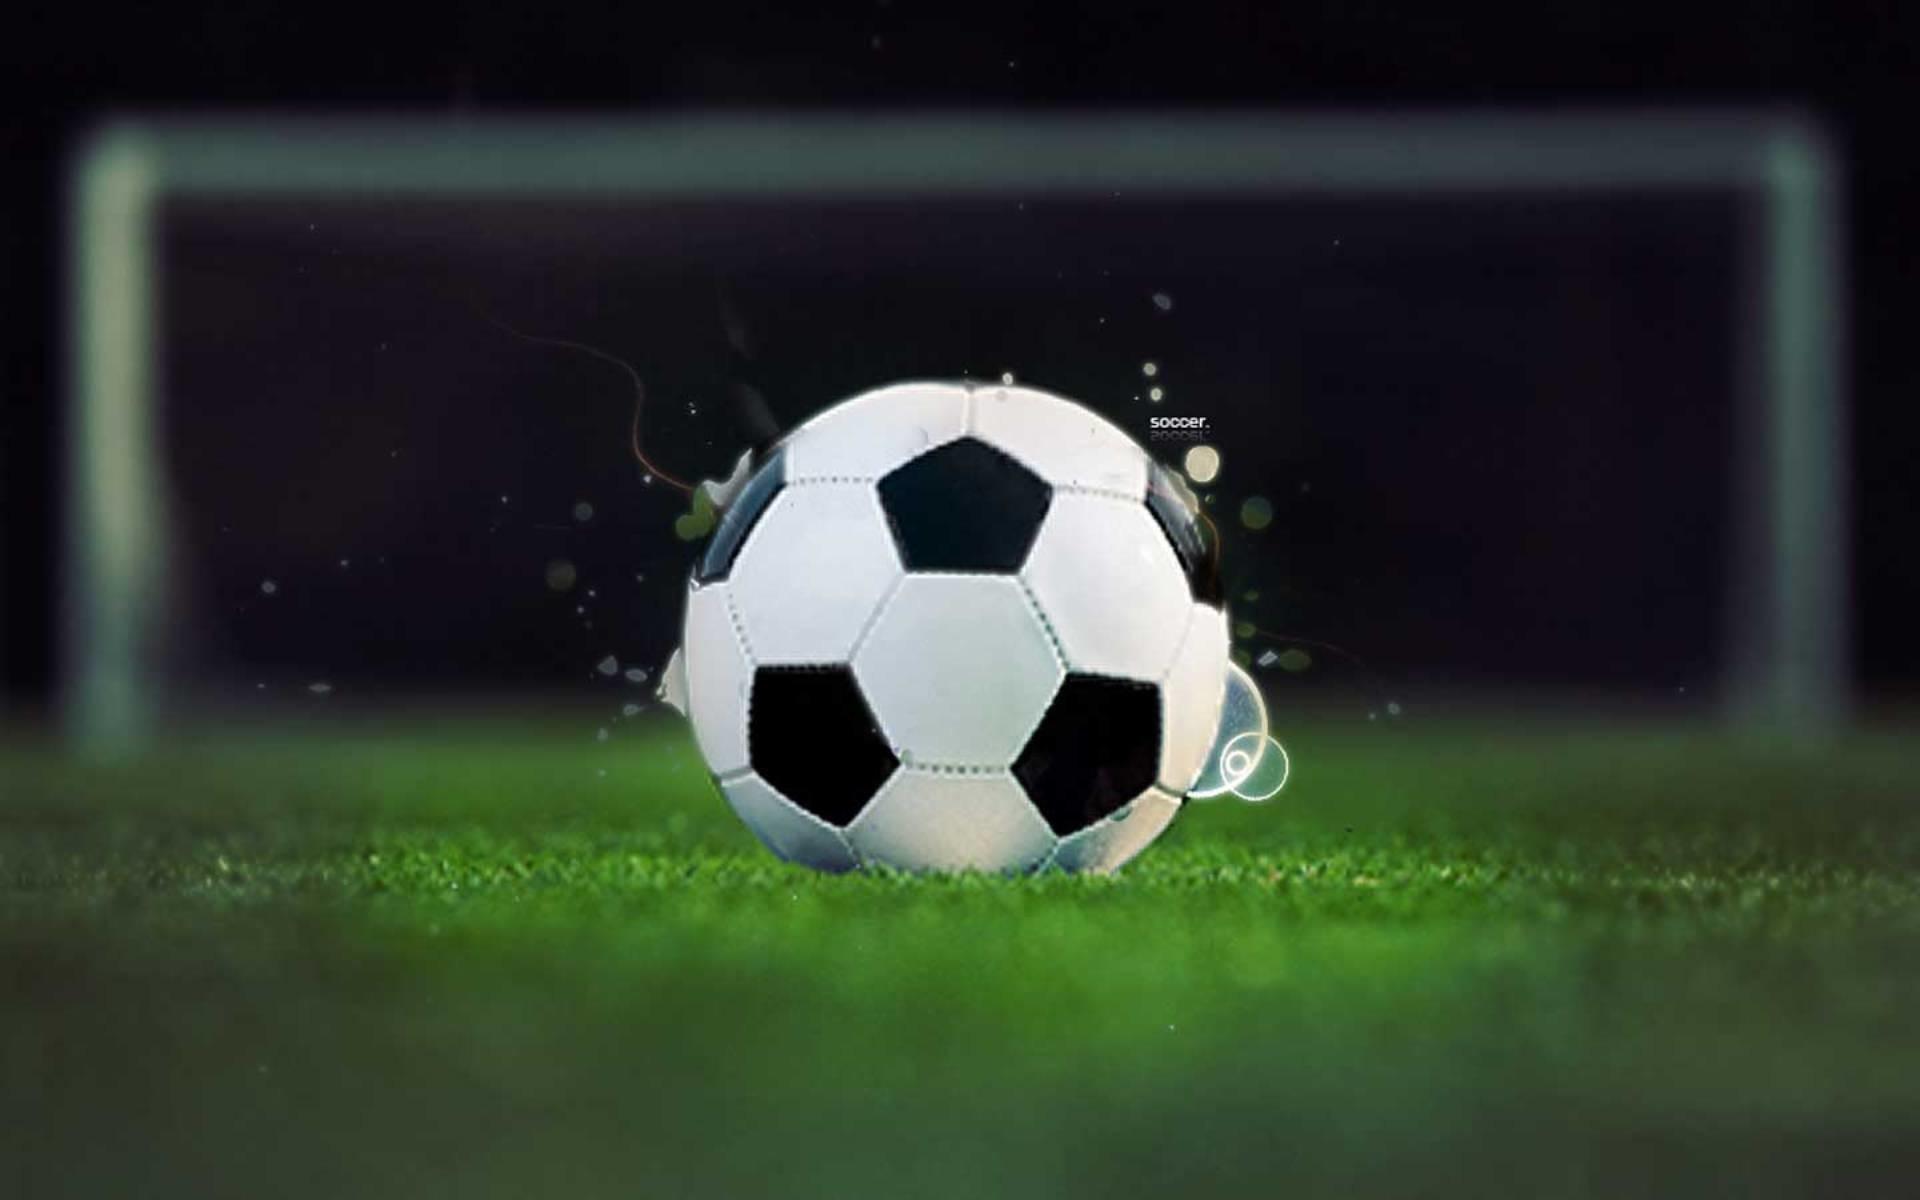 Soccer Ball Wallpaper Â« Desktop Background Wallpapers HD